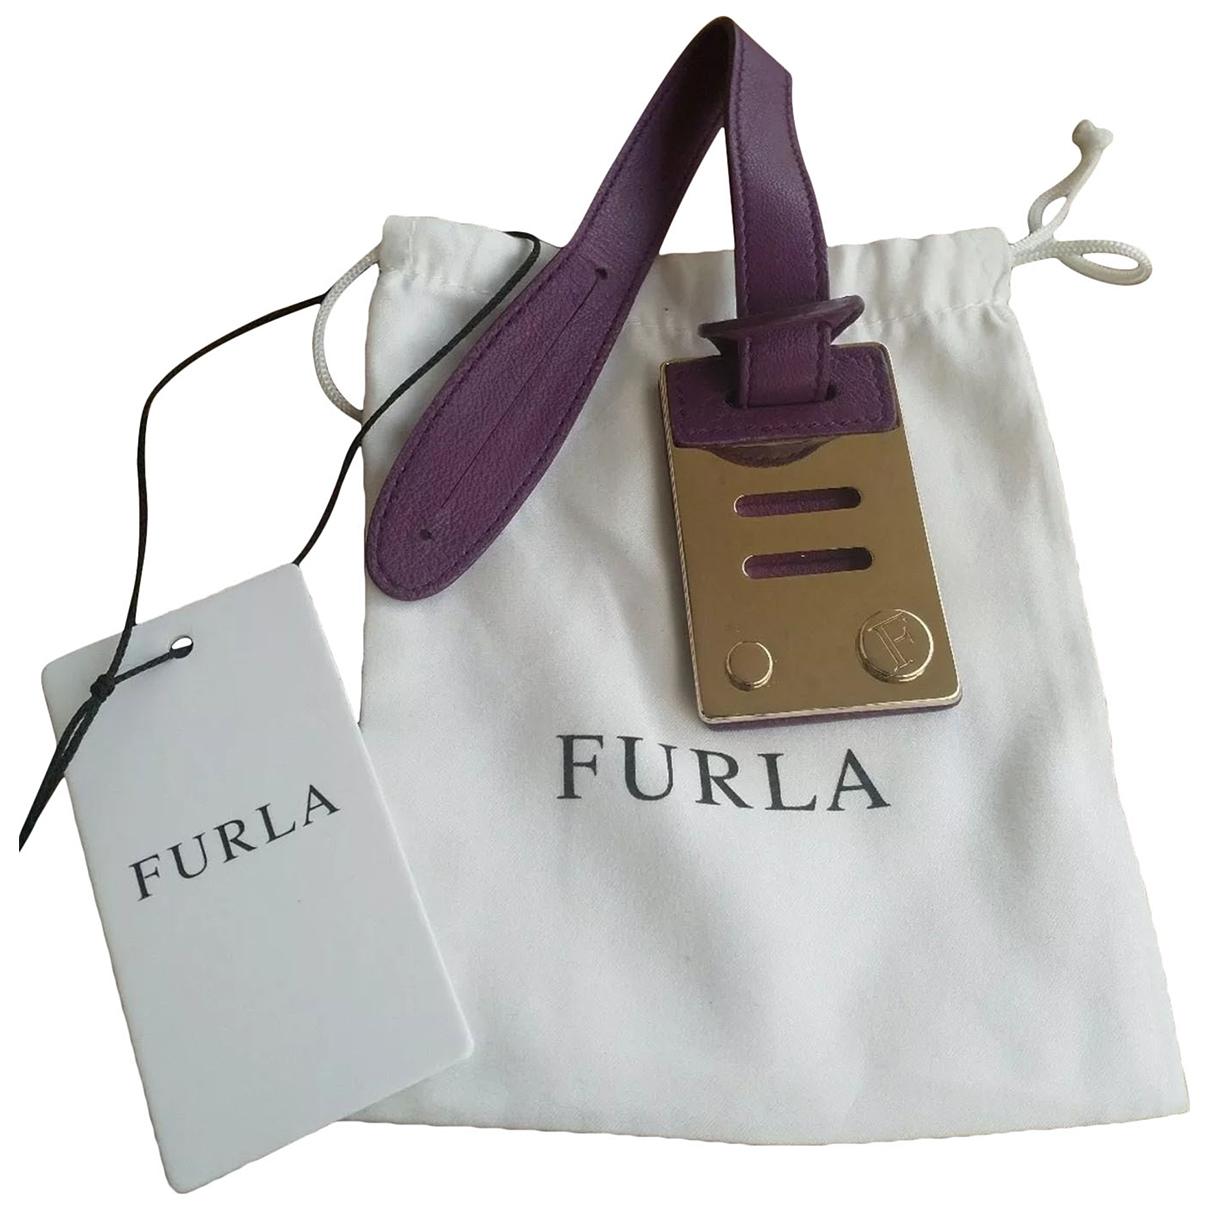 Furla - Petite maroquinerie   pour femme en cuir - violet